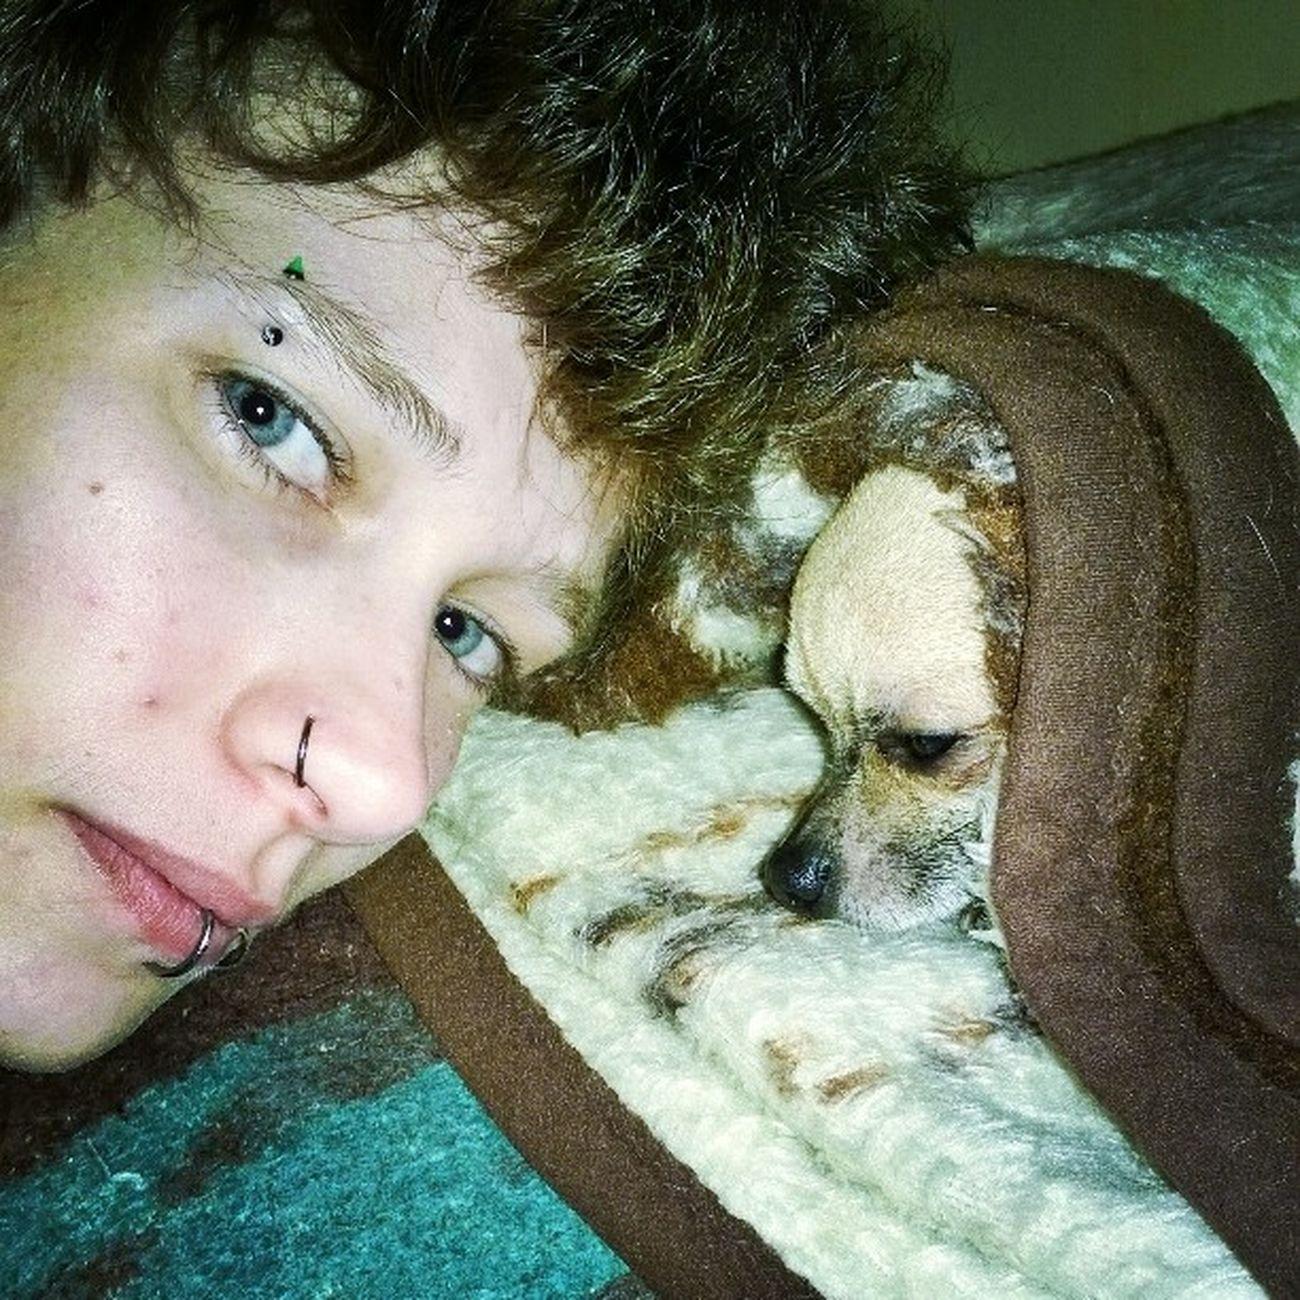 transmimento de pensassão... Dog Cute Sapatao Bofinho dyke lesbian